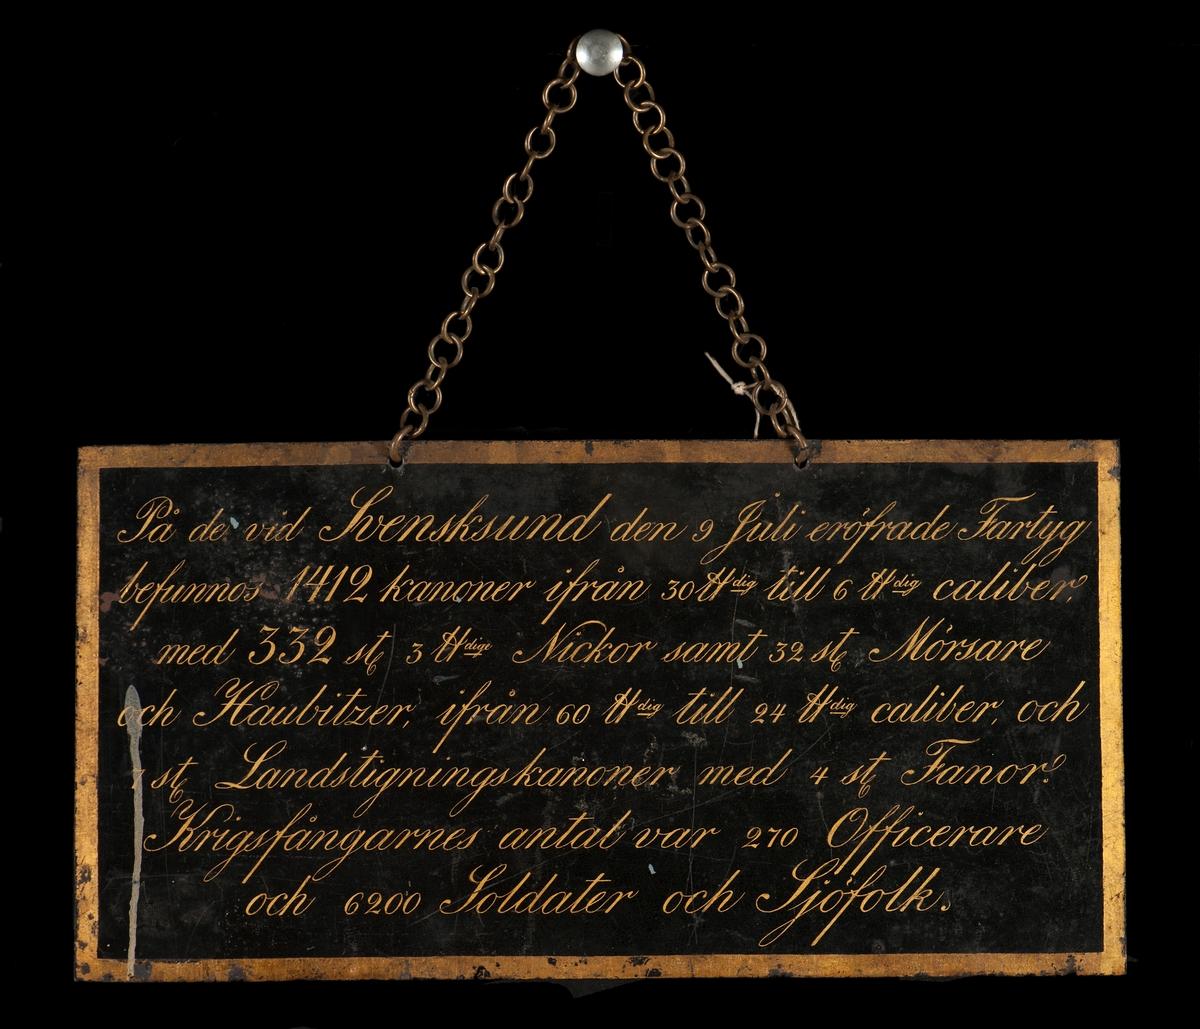 Uppgift å tagna fartyg, kanoner m.m. d. 9 Juli 1790 vid Svensksund. Kedja för upphäng- ning.